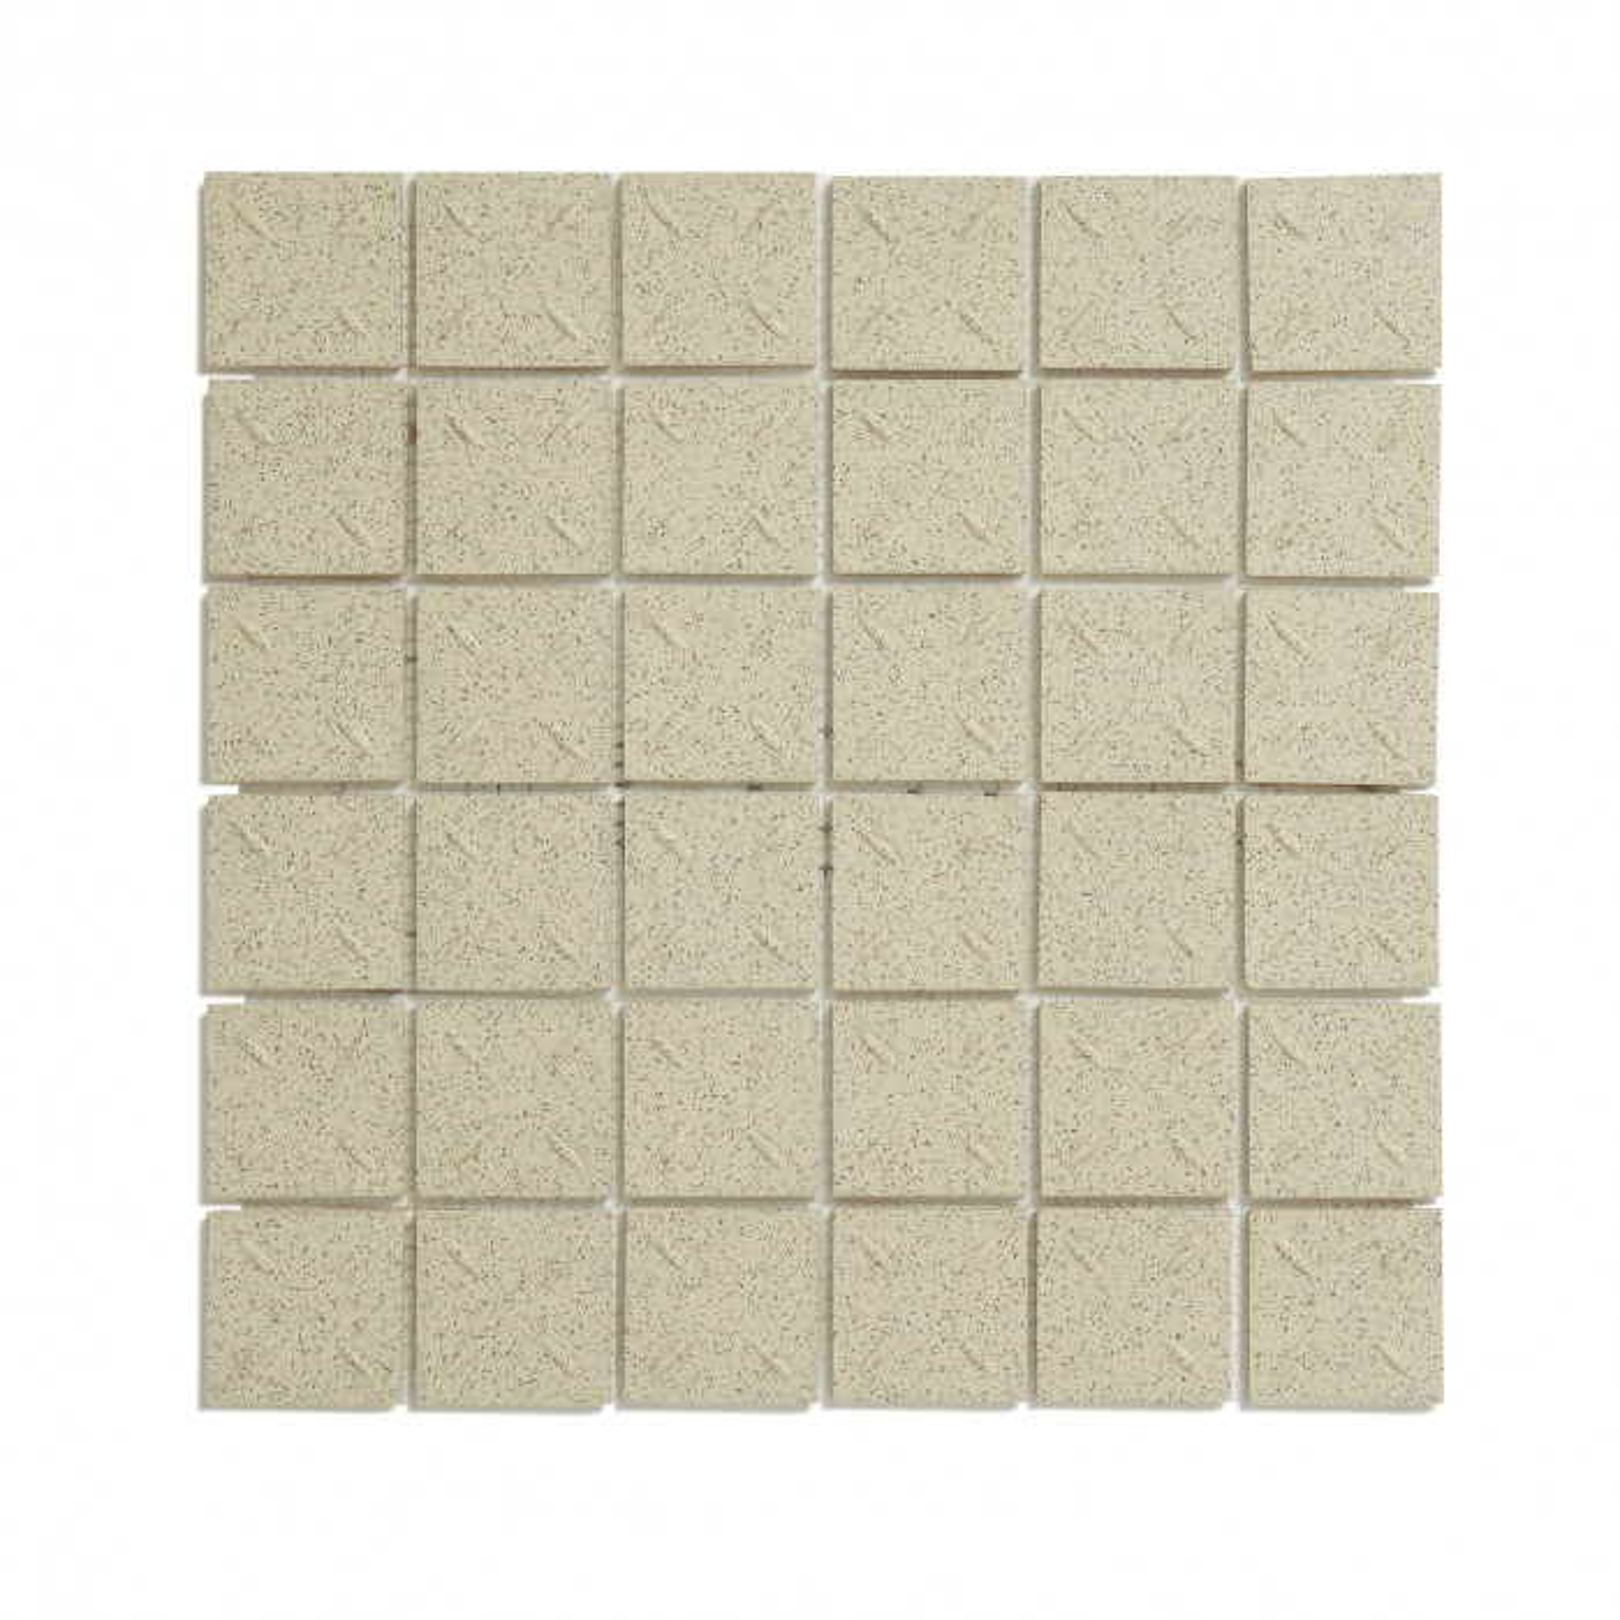 Carrelage grès cérame Winckelmans mouchetés mosaïque (2 formats)